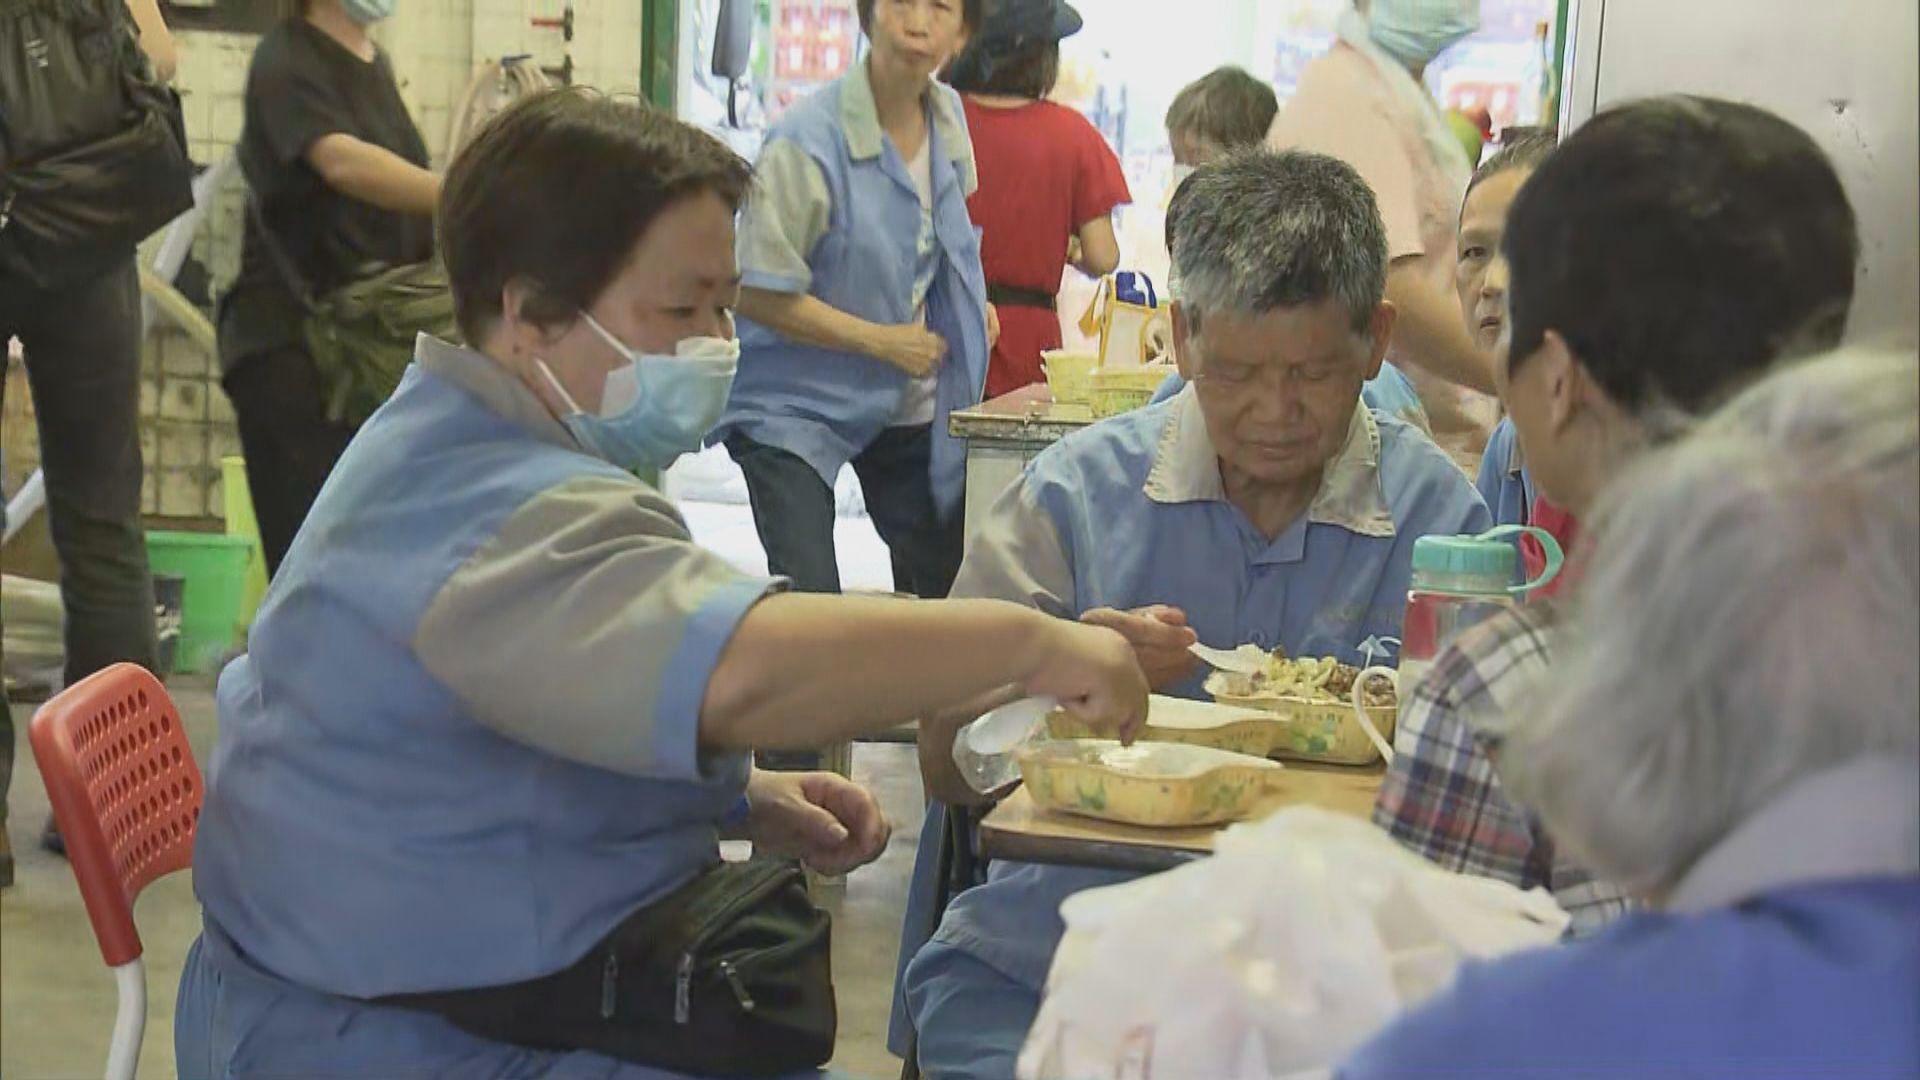 清潔工人用膳環境惡劣 關注團體希望政府改善